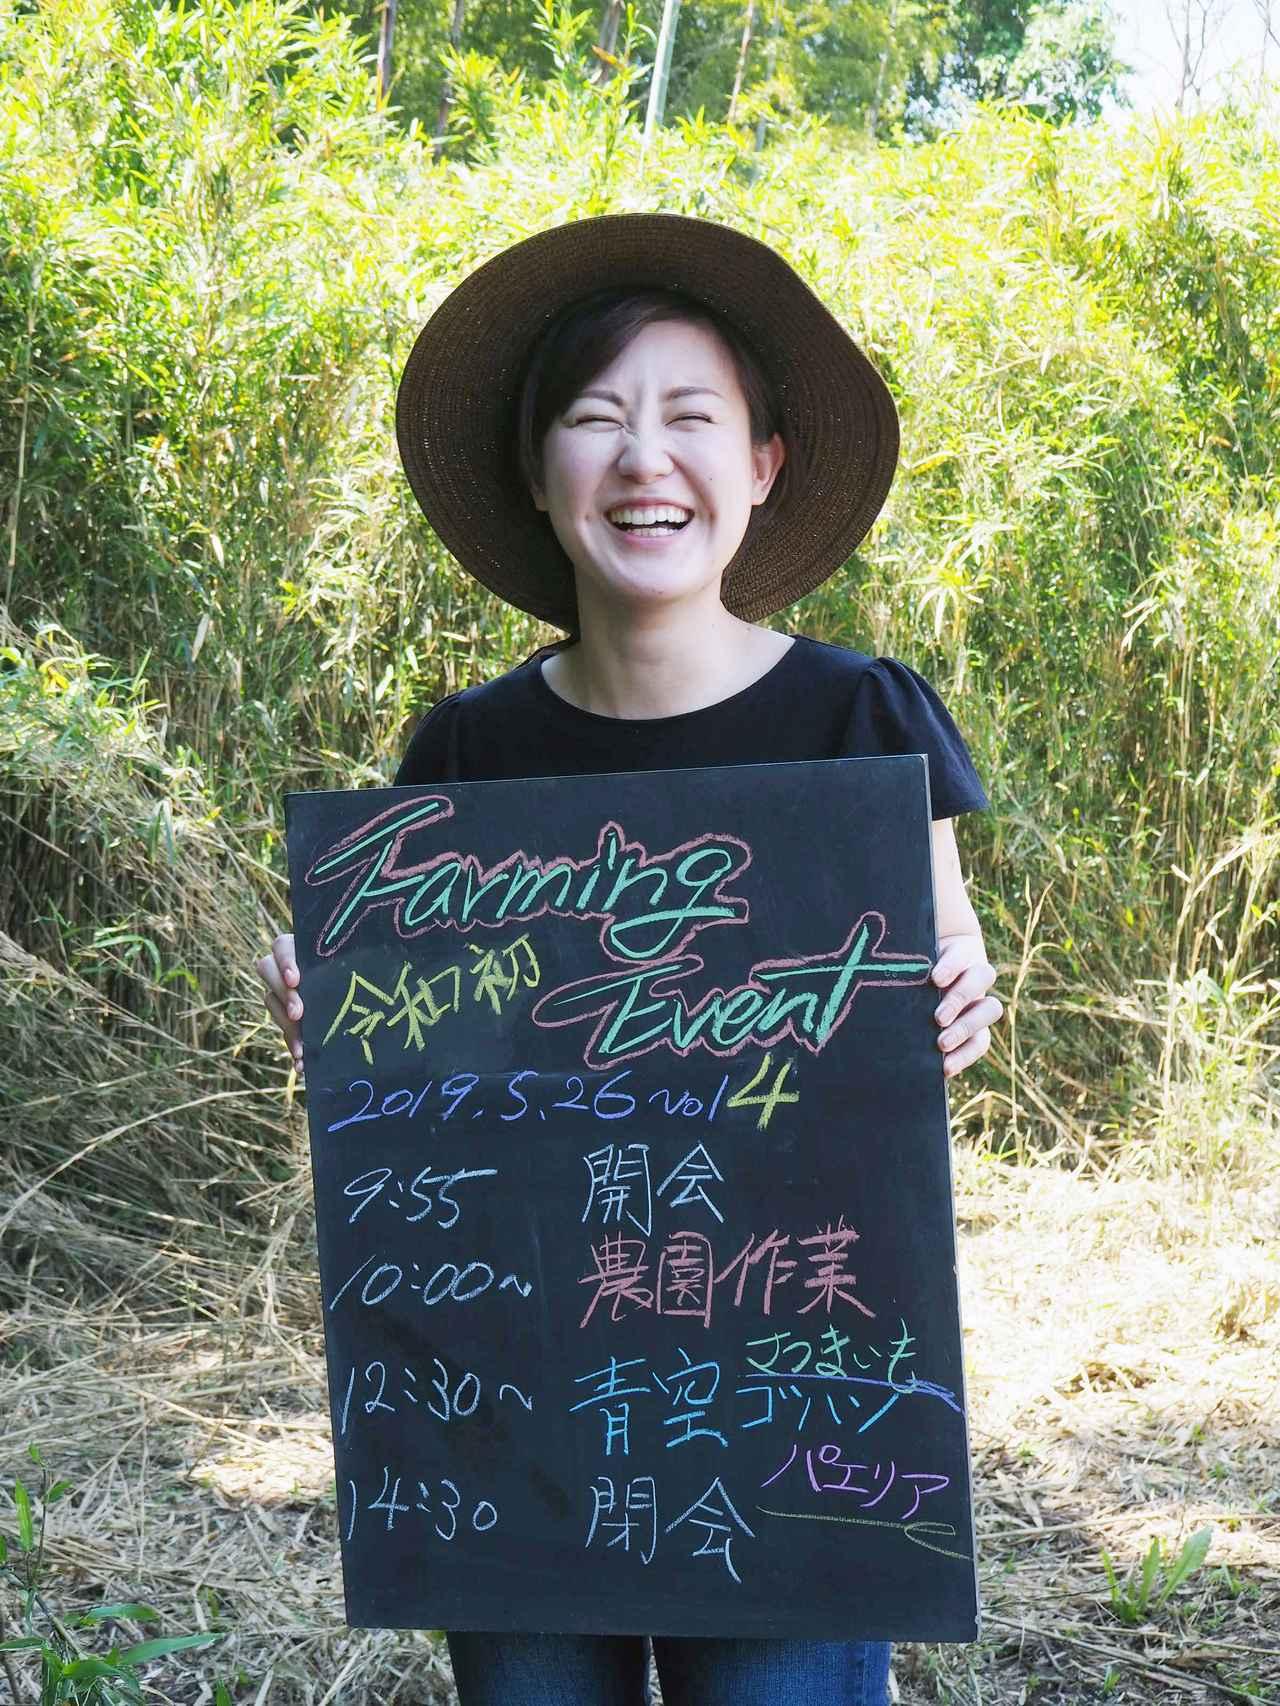 画像1: 新農園でサツマイモの植え付けと青空ゴハン